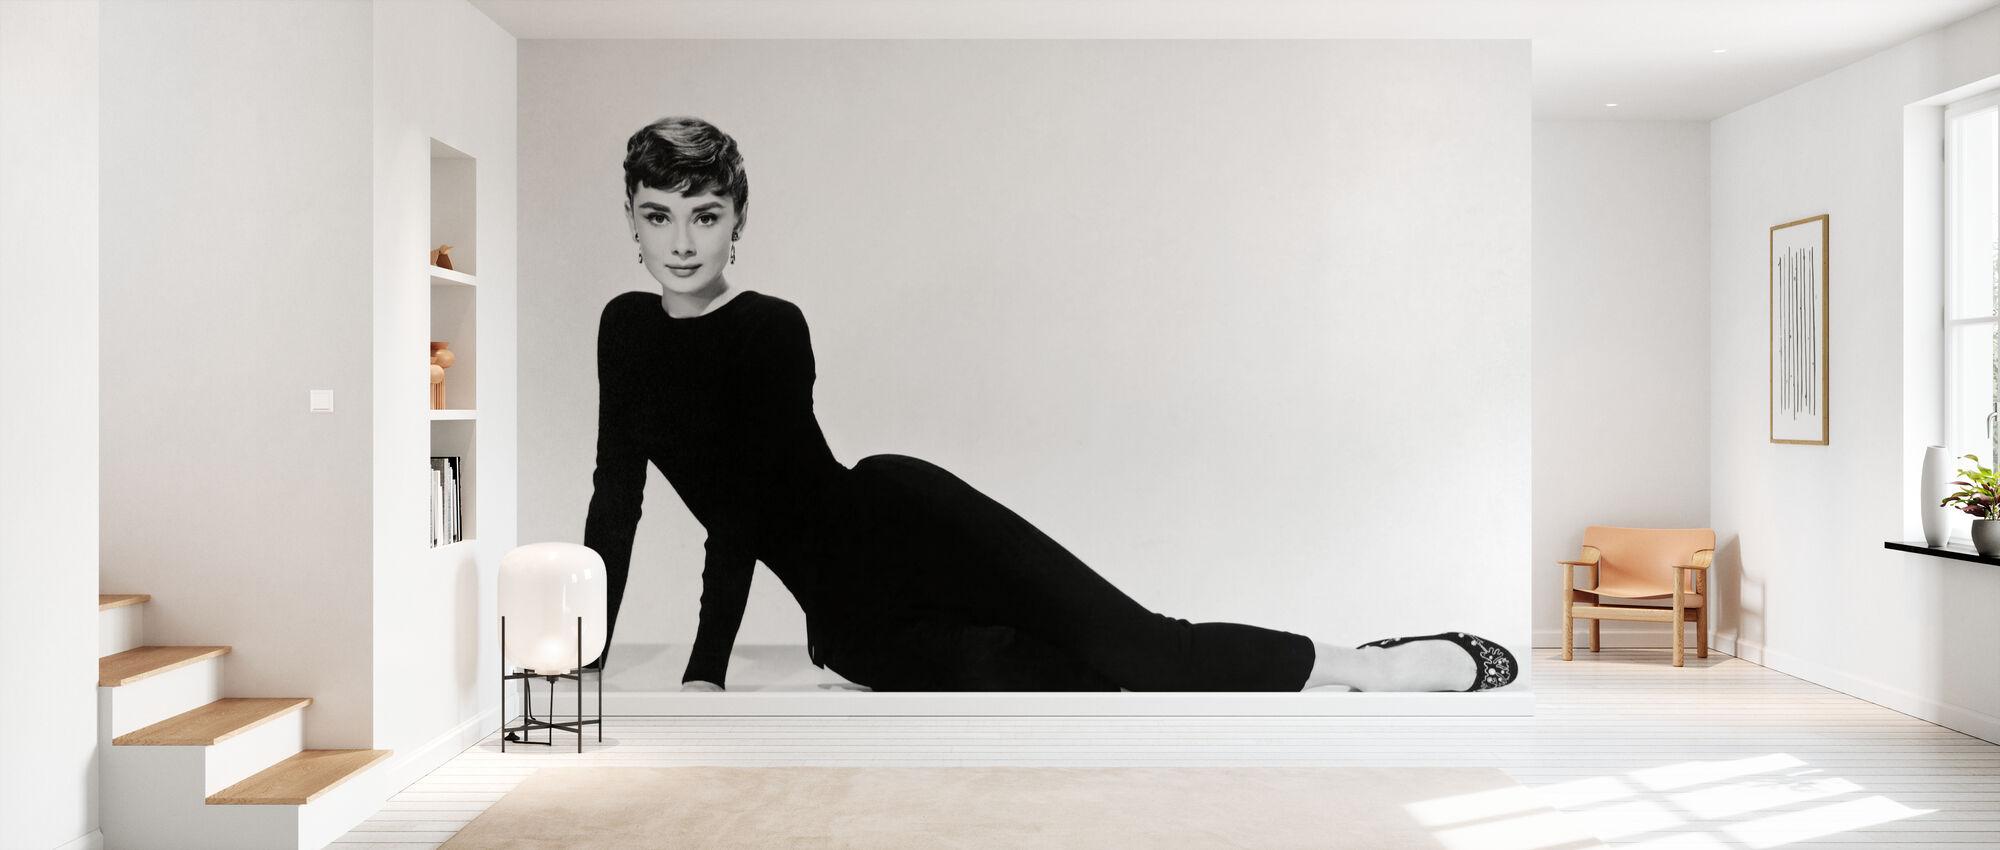 Audrey Hepburn a Sabrina - Carta da parati - Sala